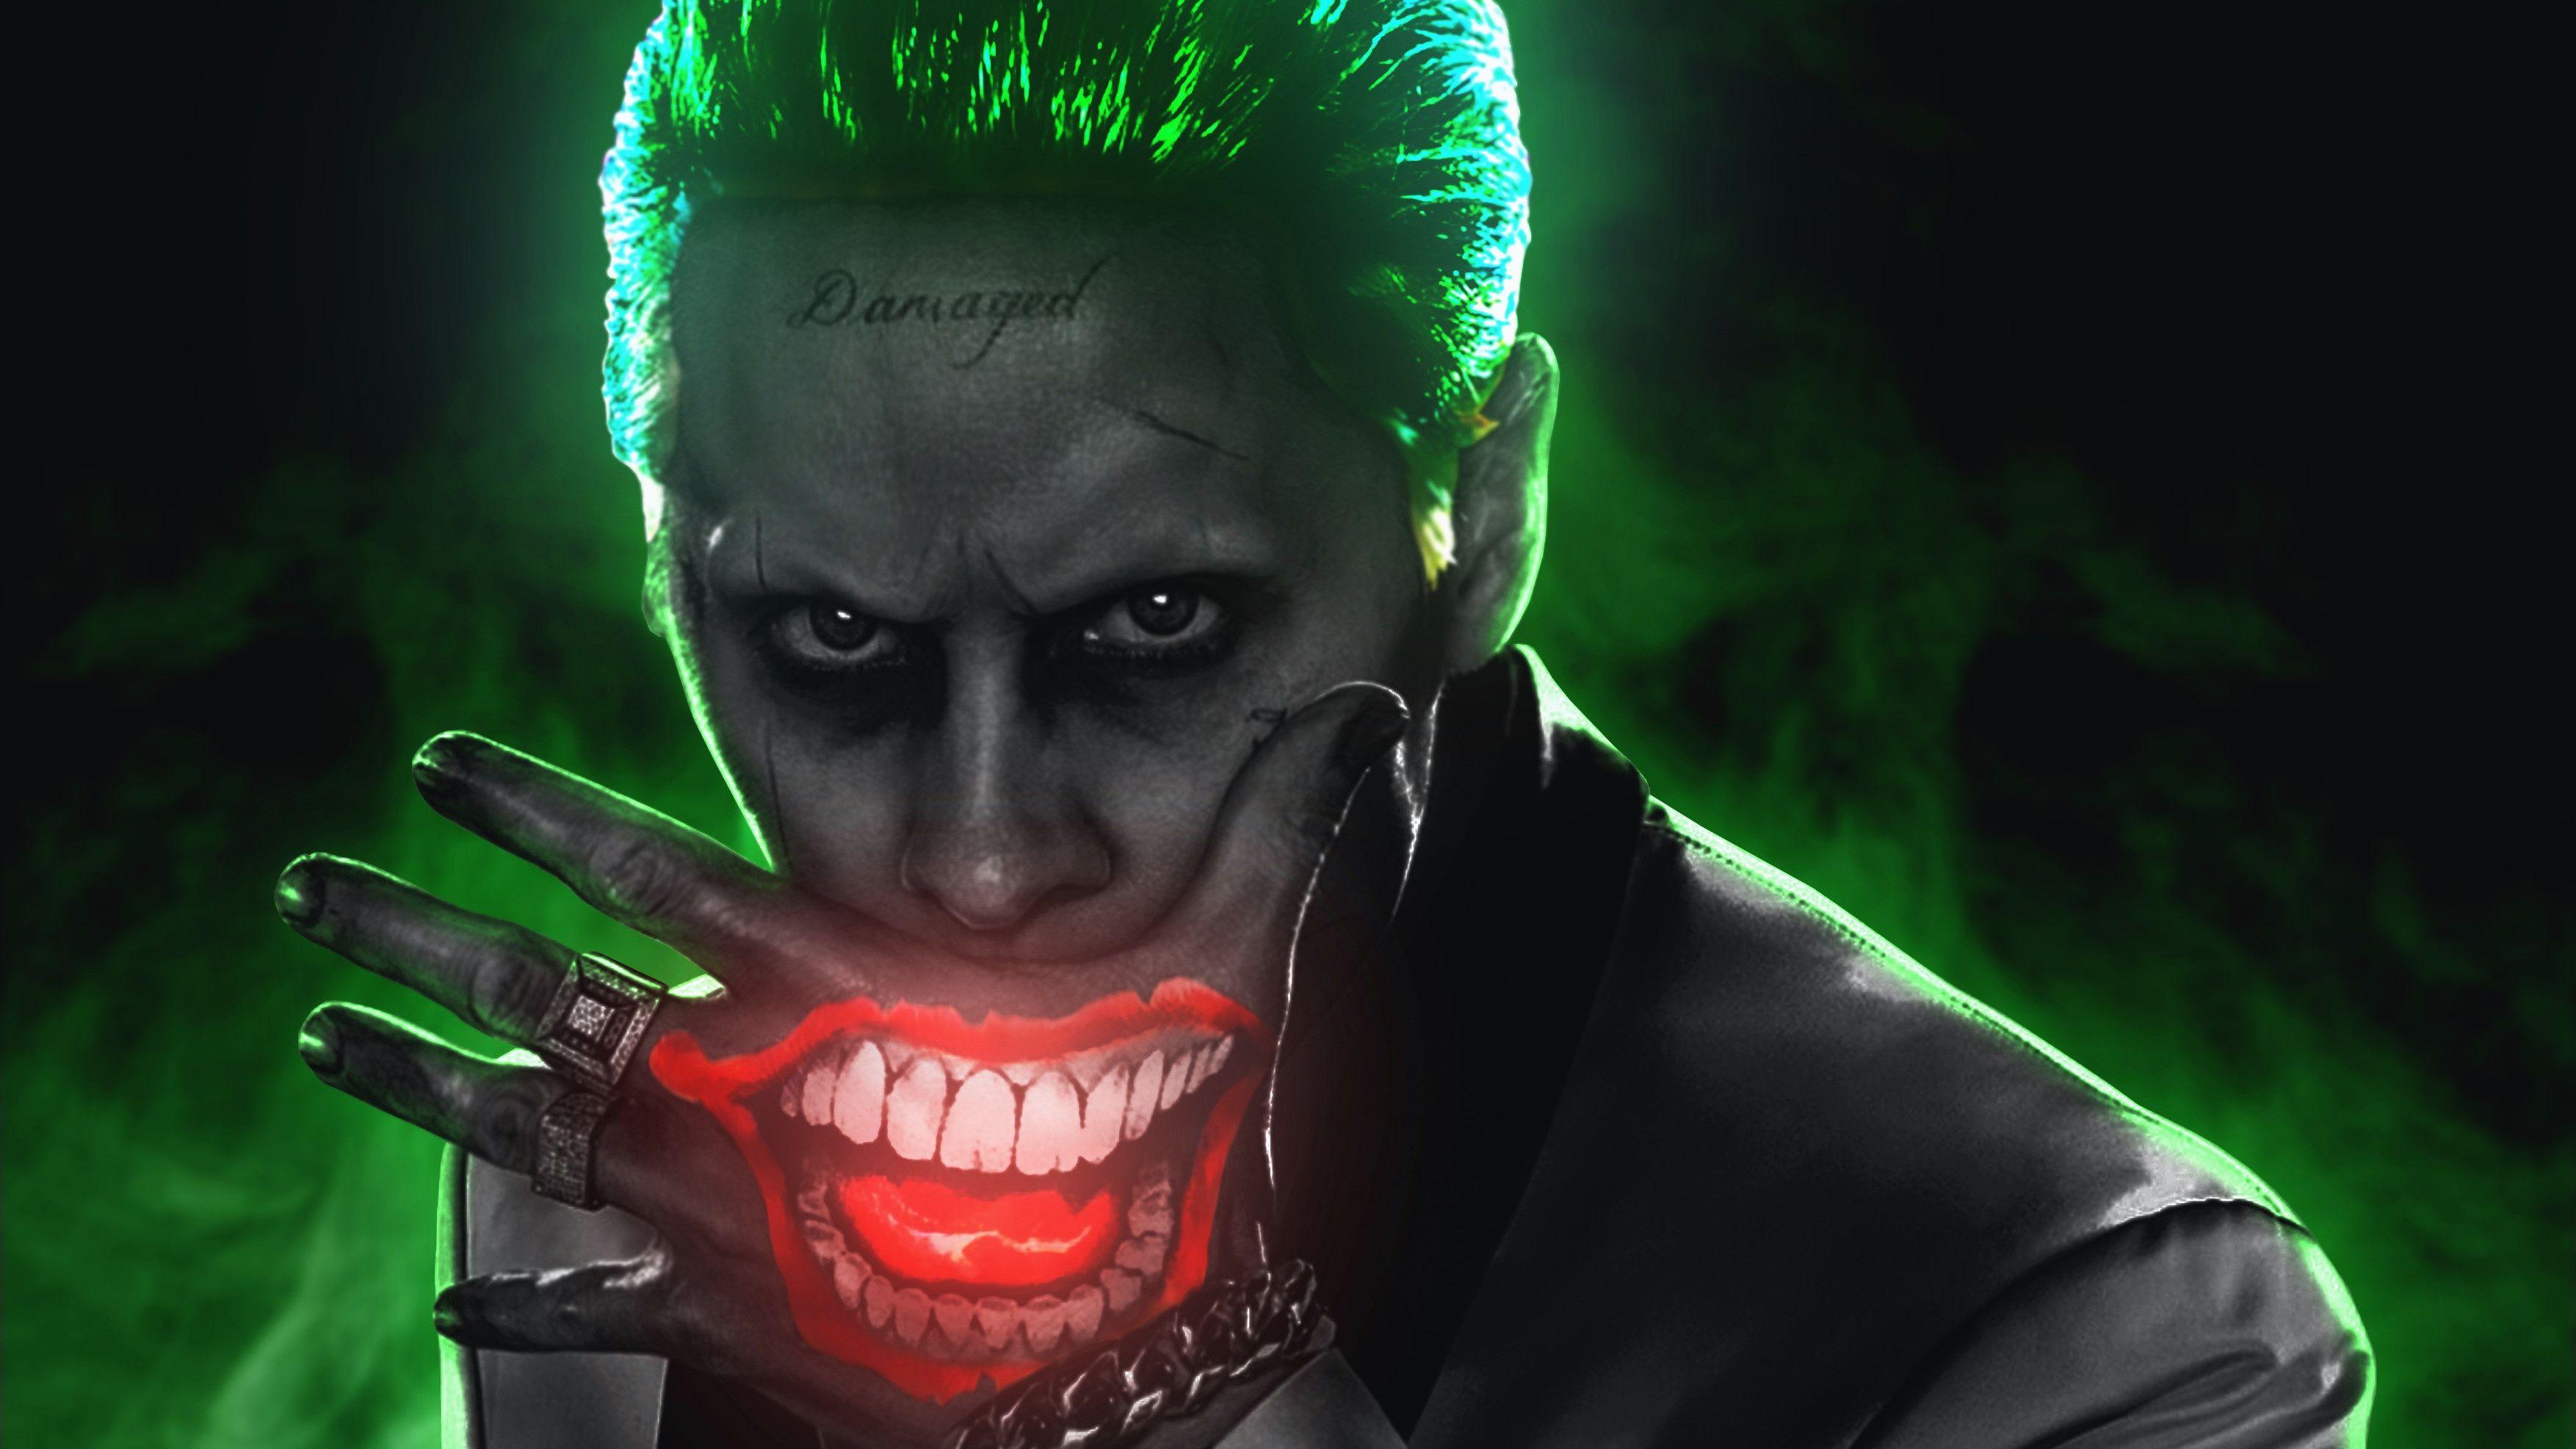 Elegant 4k Joker Wallpaper